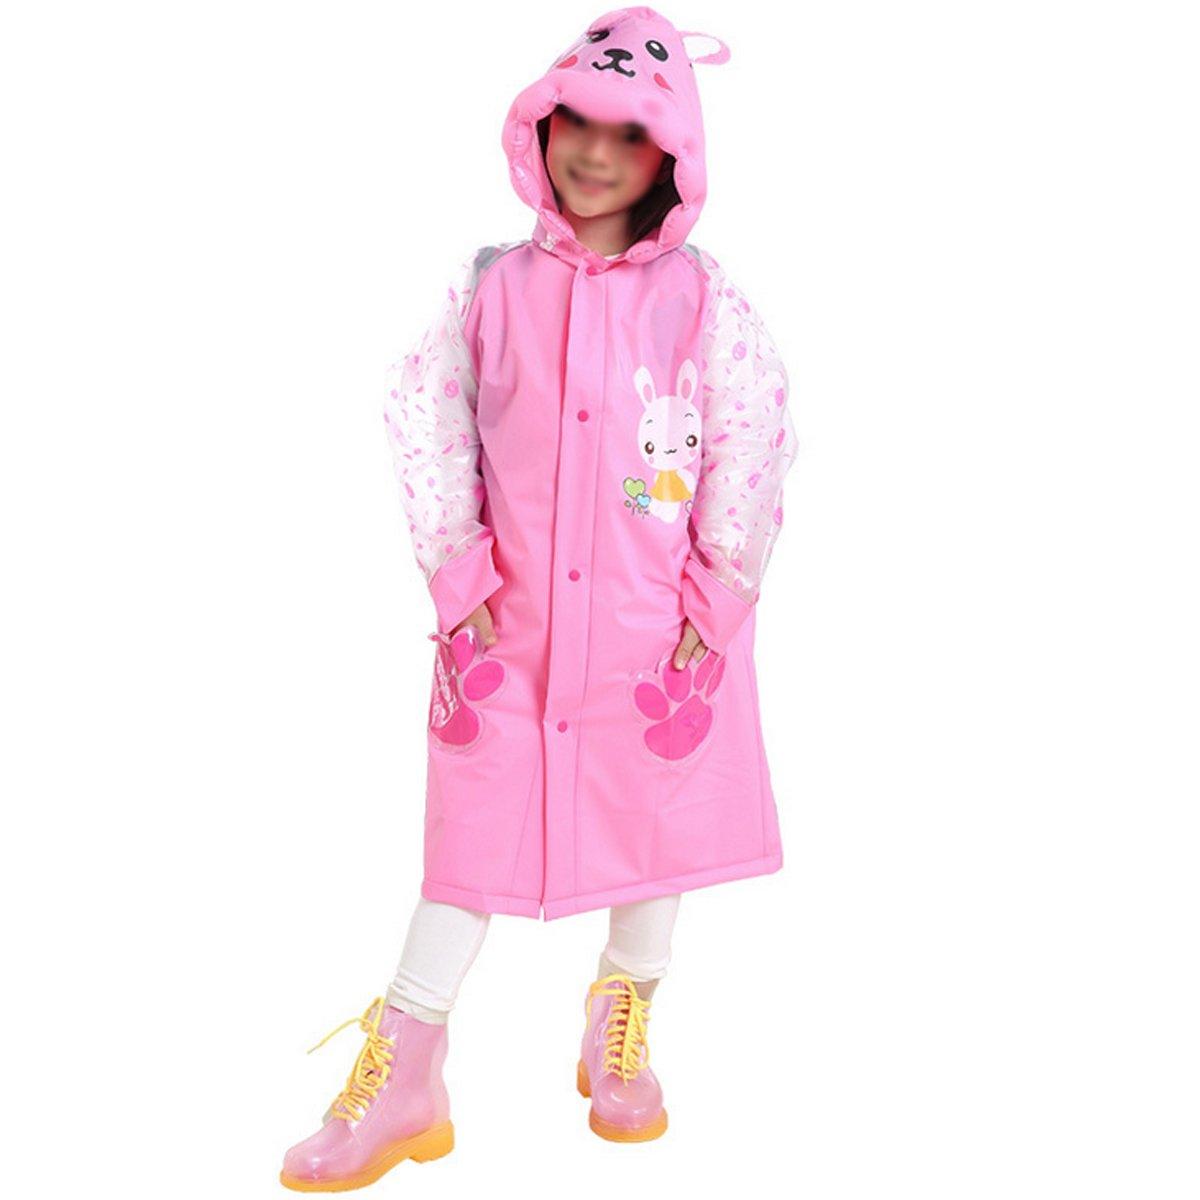 Felice Kids Cute Cartoon Raincoat Children's Waterproof Hooded Rainwear Slicker with Backpack Cover